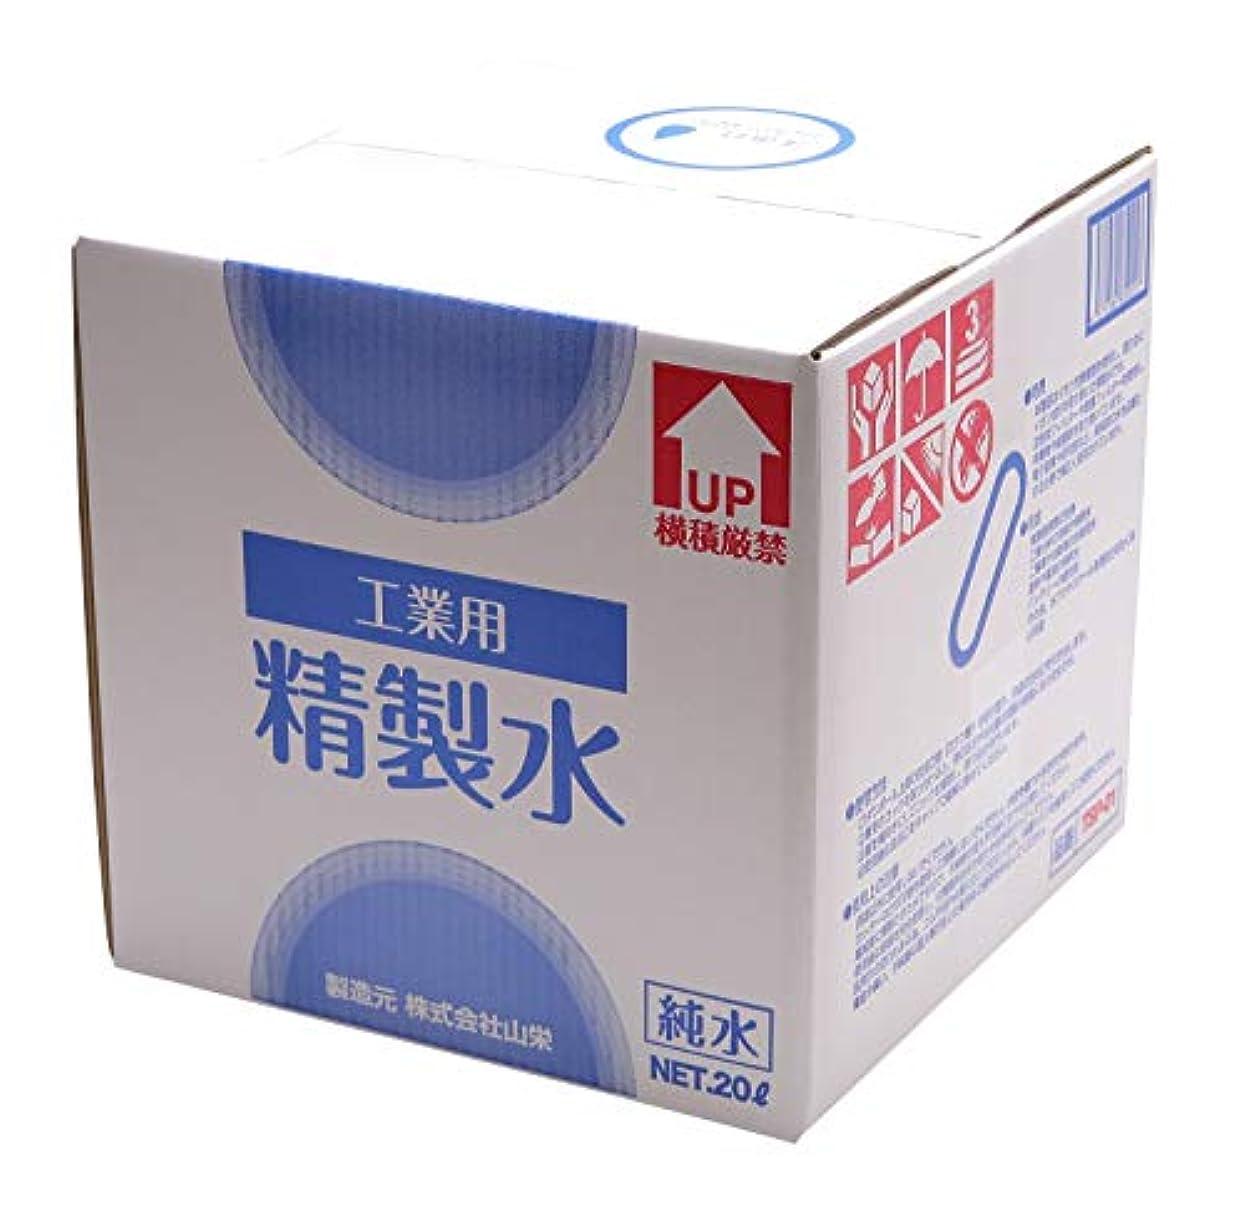 おっとダイヤル分析的なサンエイ化学 工業用 精製水 [ 20L 1箱 : コック付き ] (工業用/業務用) 洗浄水 補給用水 化粧用 加湿器 美顔器 日本産 純水